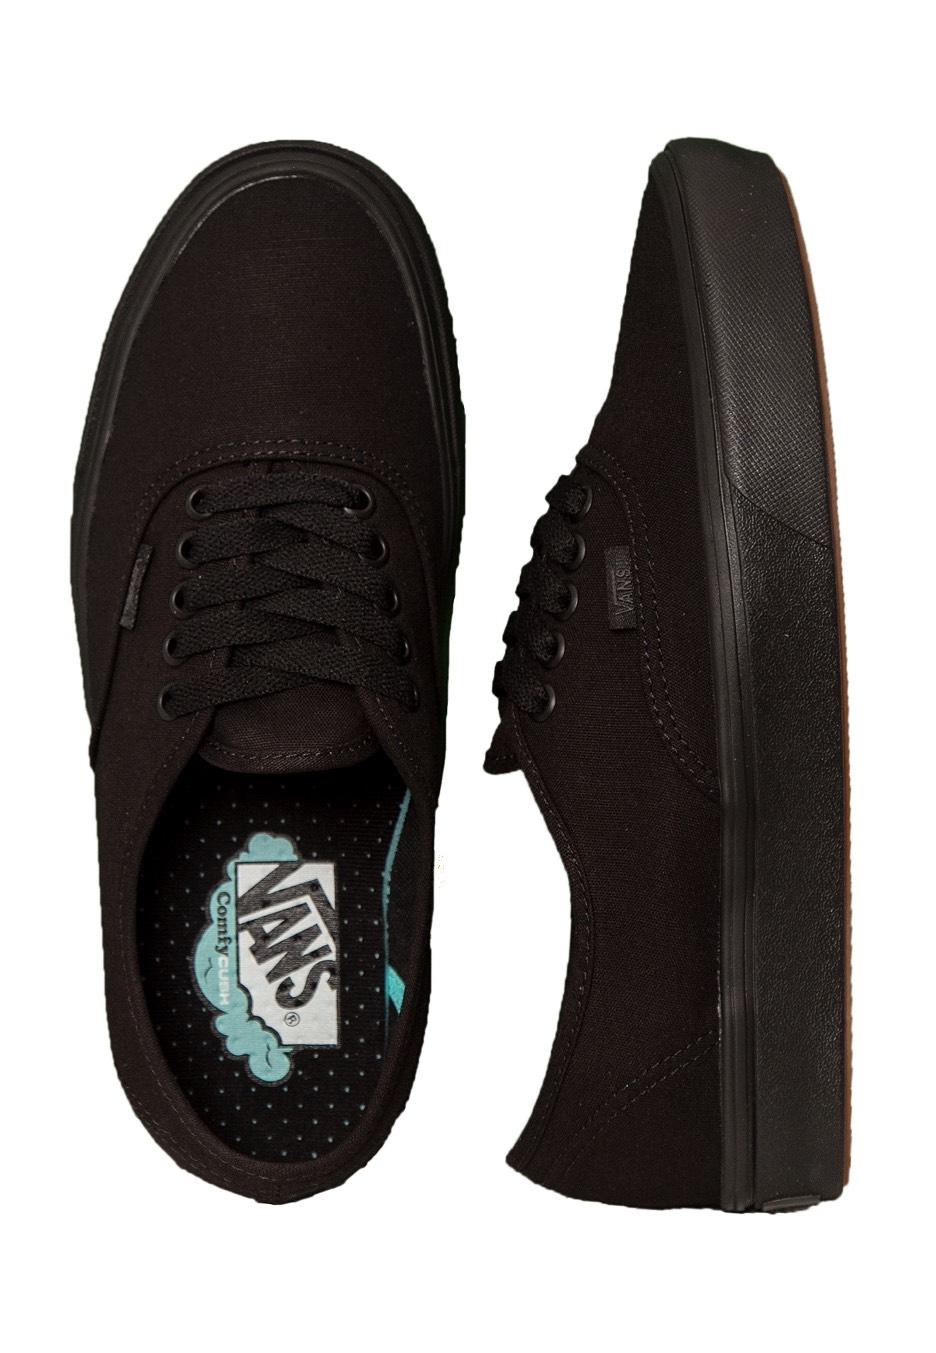 527f5e70a311 Vans - ComfyCush Authentic Classic Black Black - Shoes - Impericon.com UK